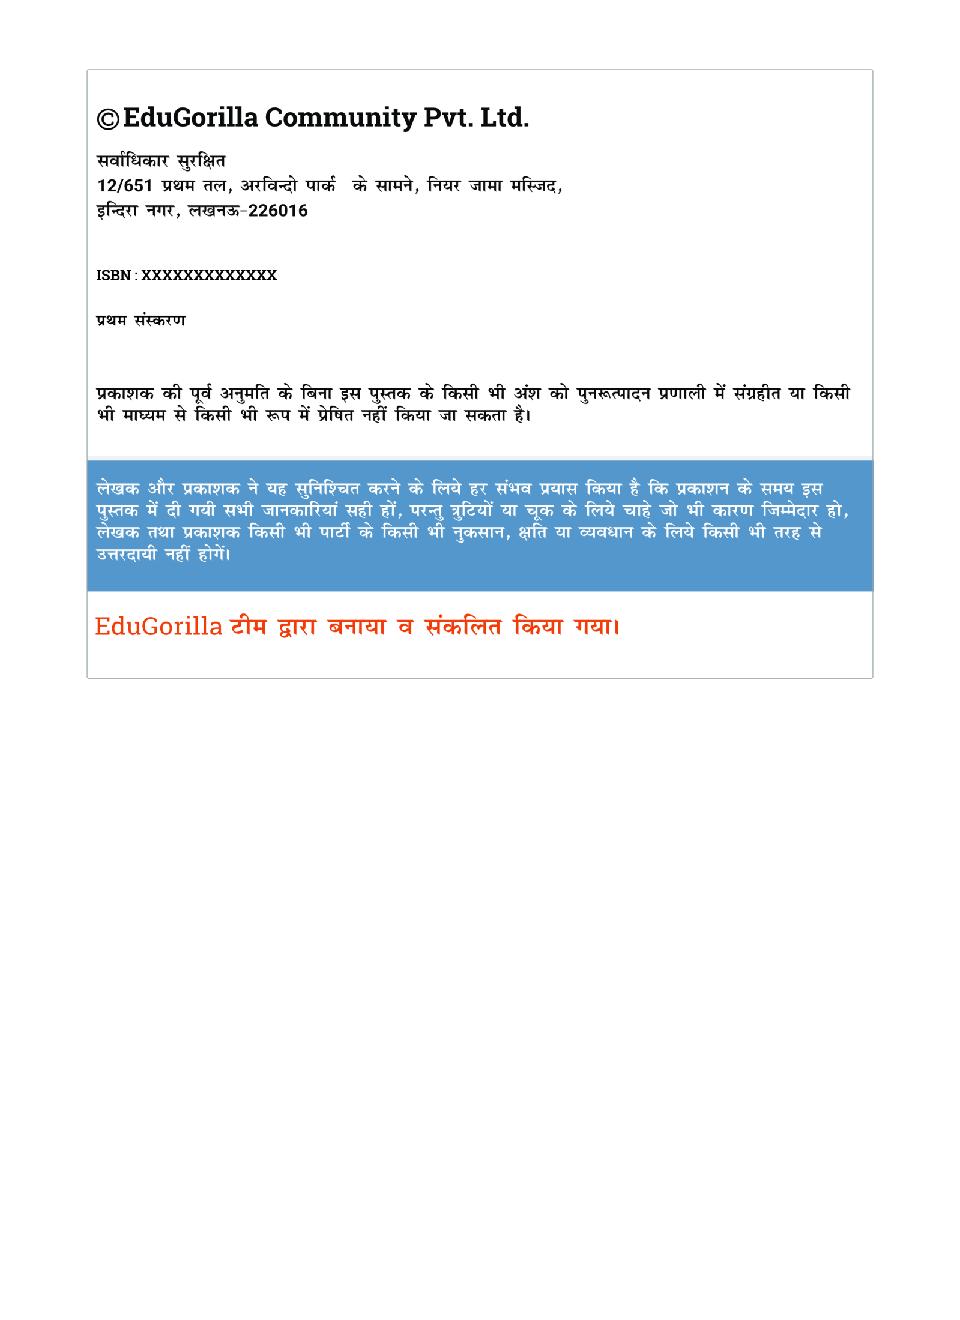 Edugorilla आरएसएमएसएसबी राजस्थान पटवारी 2020   15 मॉक परीक्षाये सम्पूर्ण तैयारी के लिए - Page 4